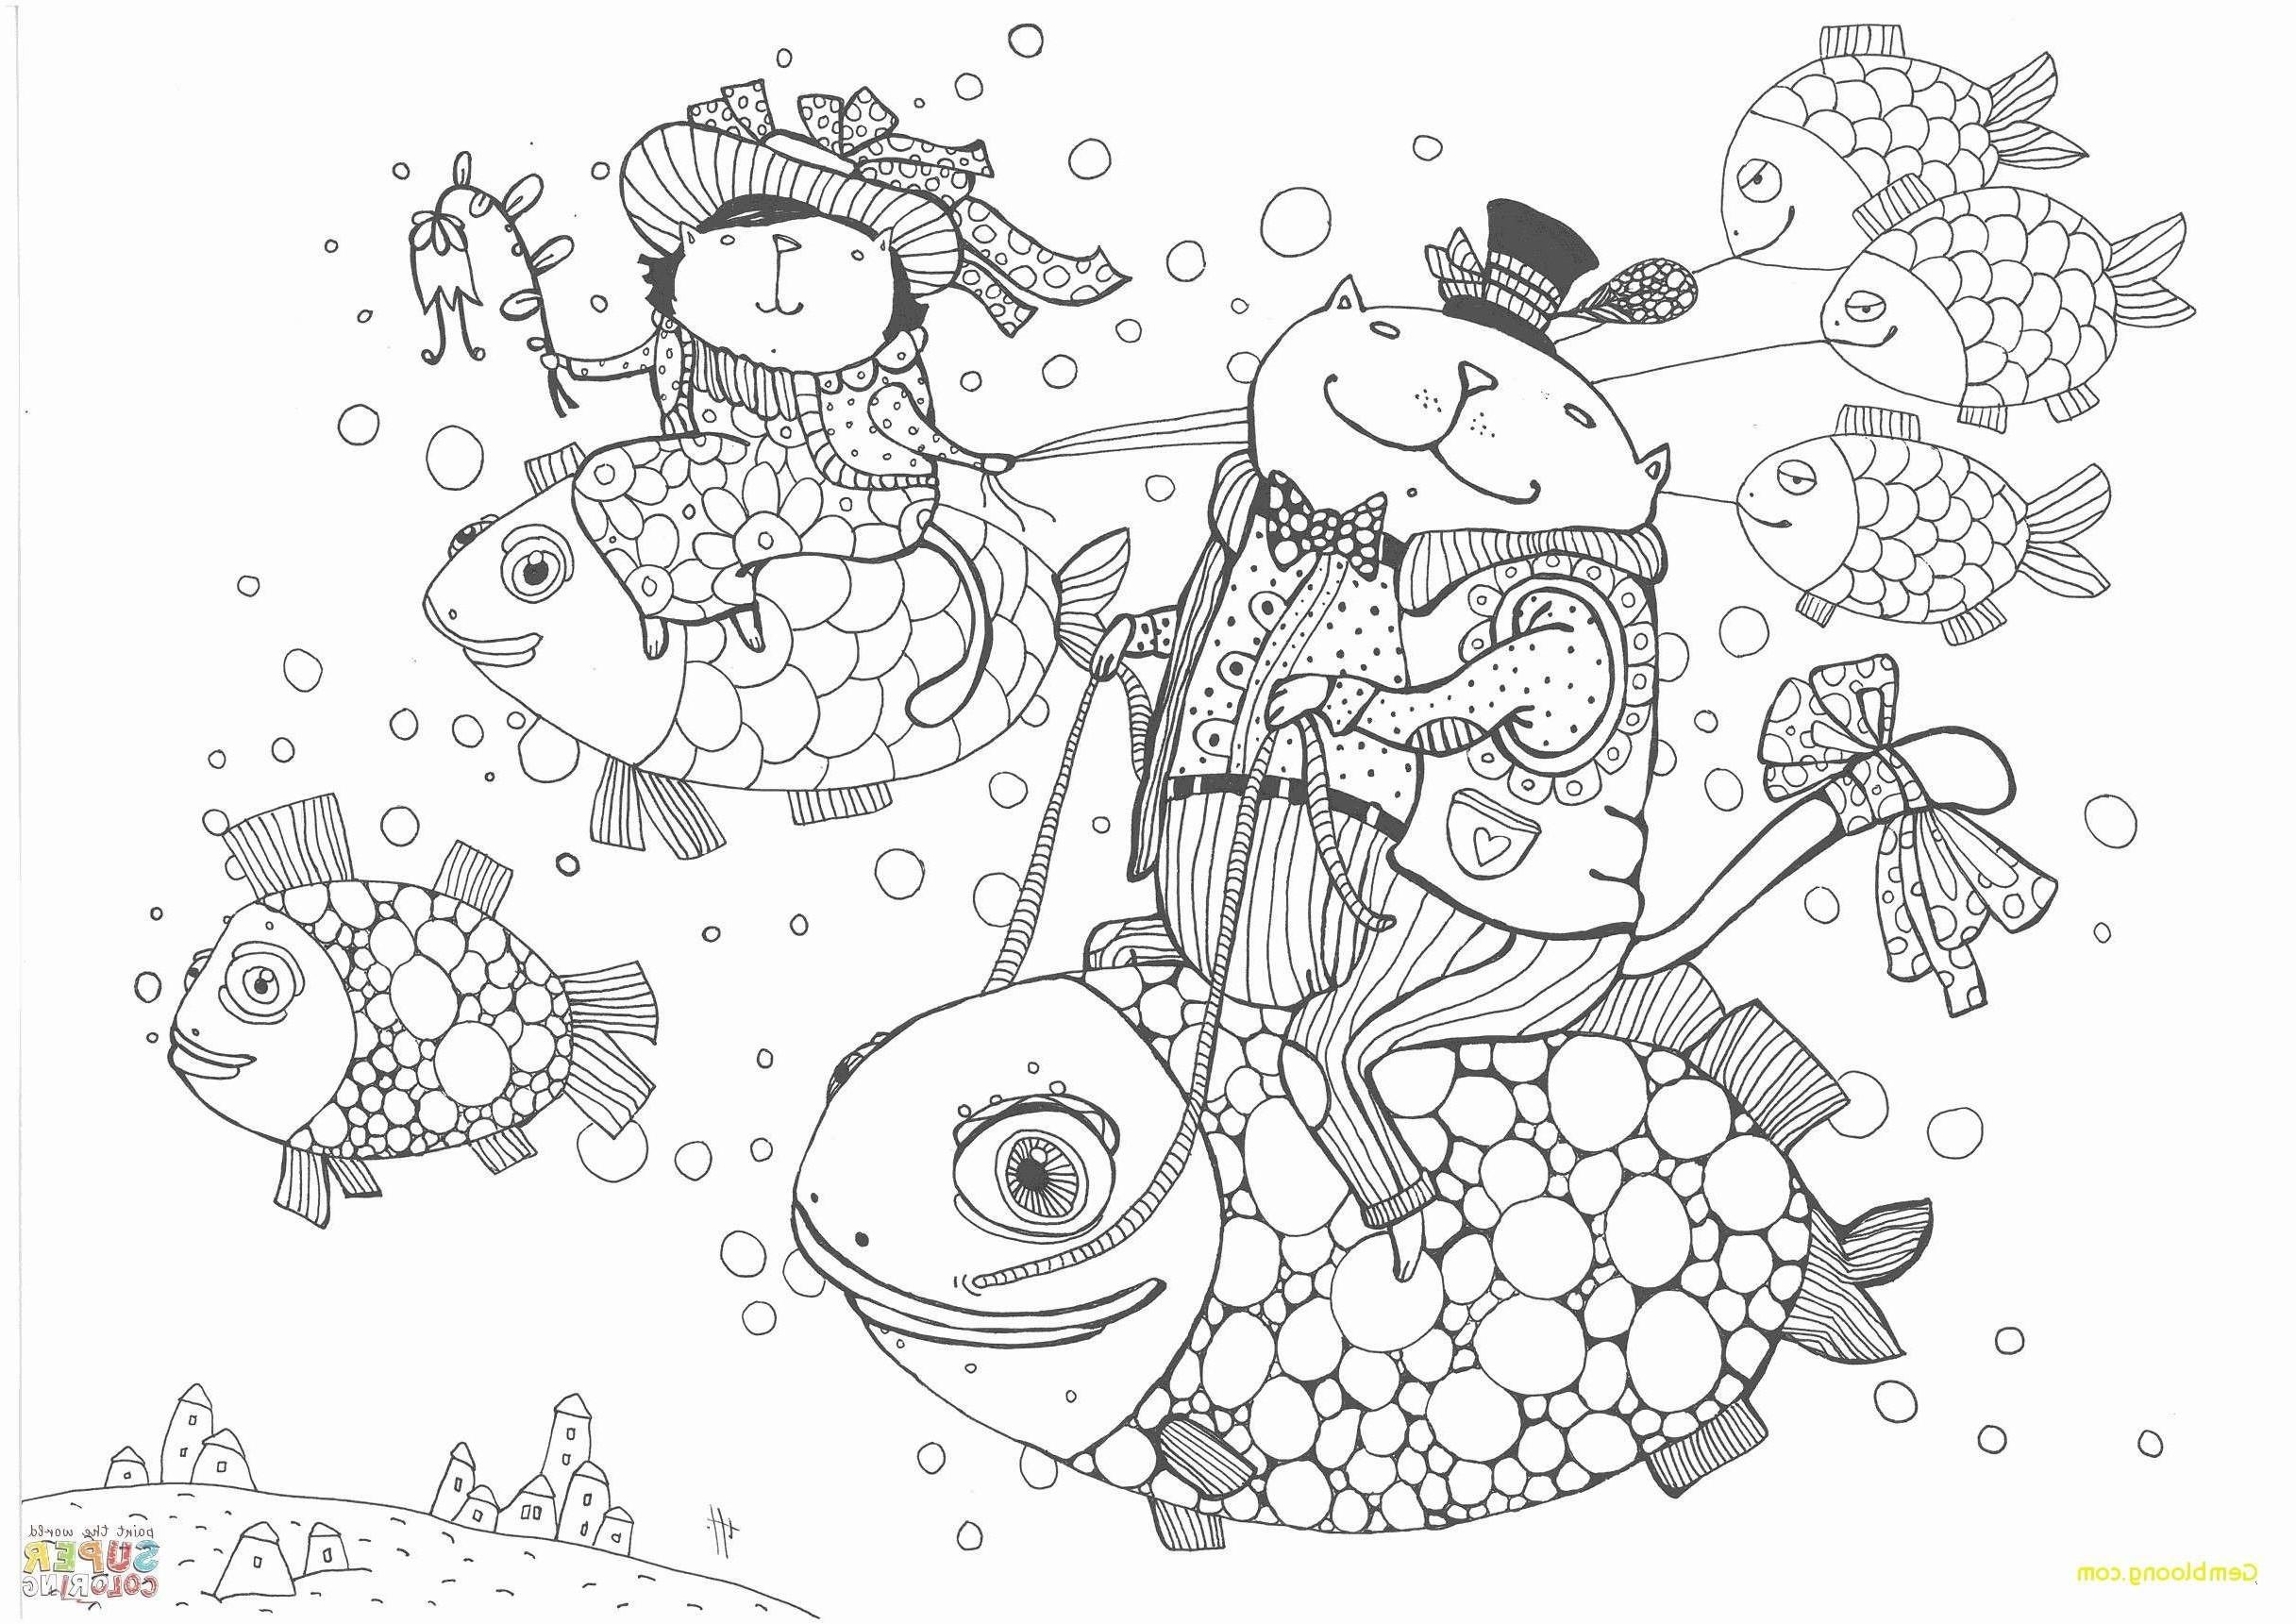 Minion Bilder Zum Ausmalen Inspirierend 31 Fantastisch Malvorlagen Minions – Malvorlagen Ideen Bild